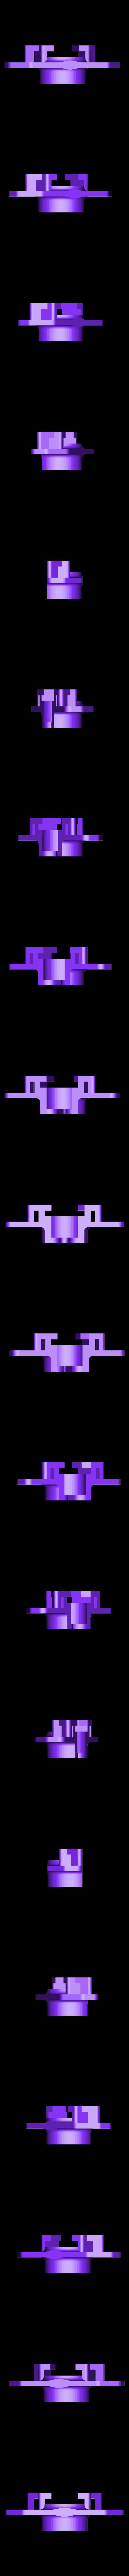 x210_holder_matek_buzzer_01.stl Télécharger fichier STL gratuit Realacc X210 pod (qav-x). Racing Quad N!PodWE • Modèle imprimable en 3D, alexlpr